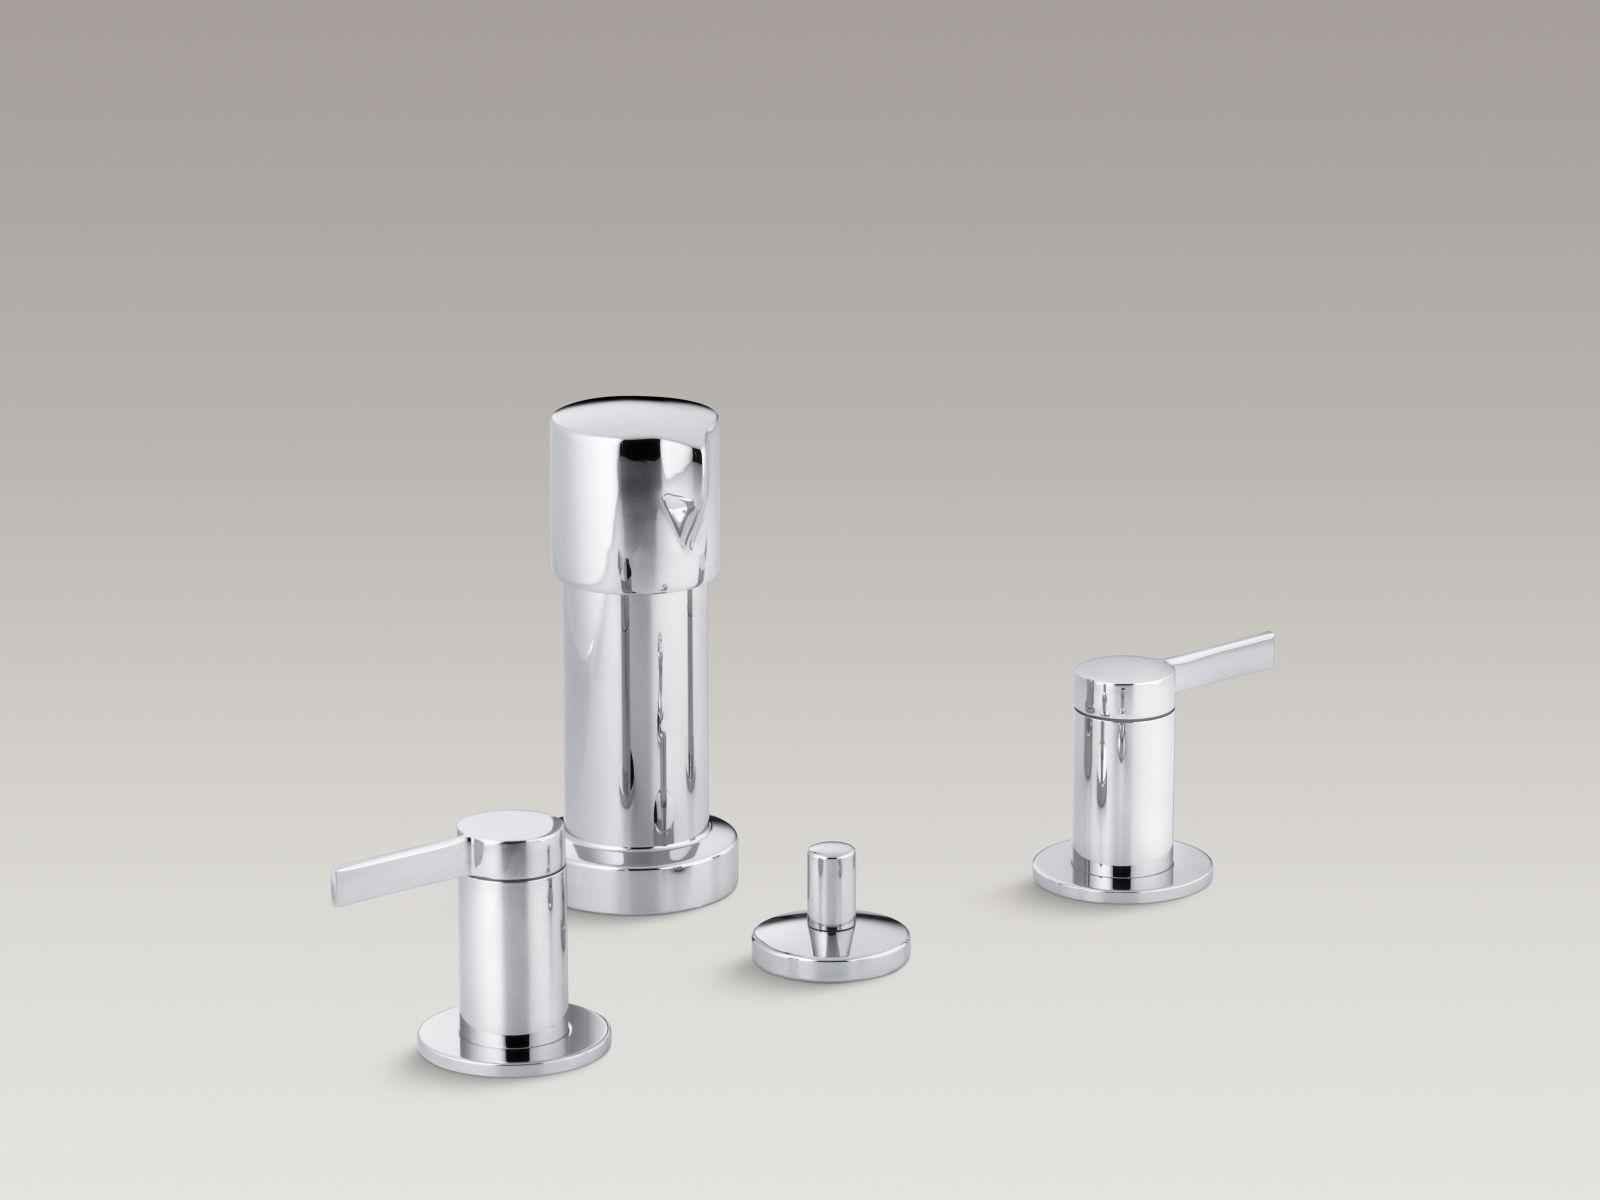 Kohler K-960-4-CP Stillness Vertical Spray Bidet Faucet with Lever Handles Polished Chrome